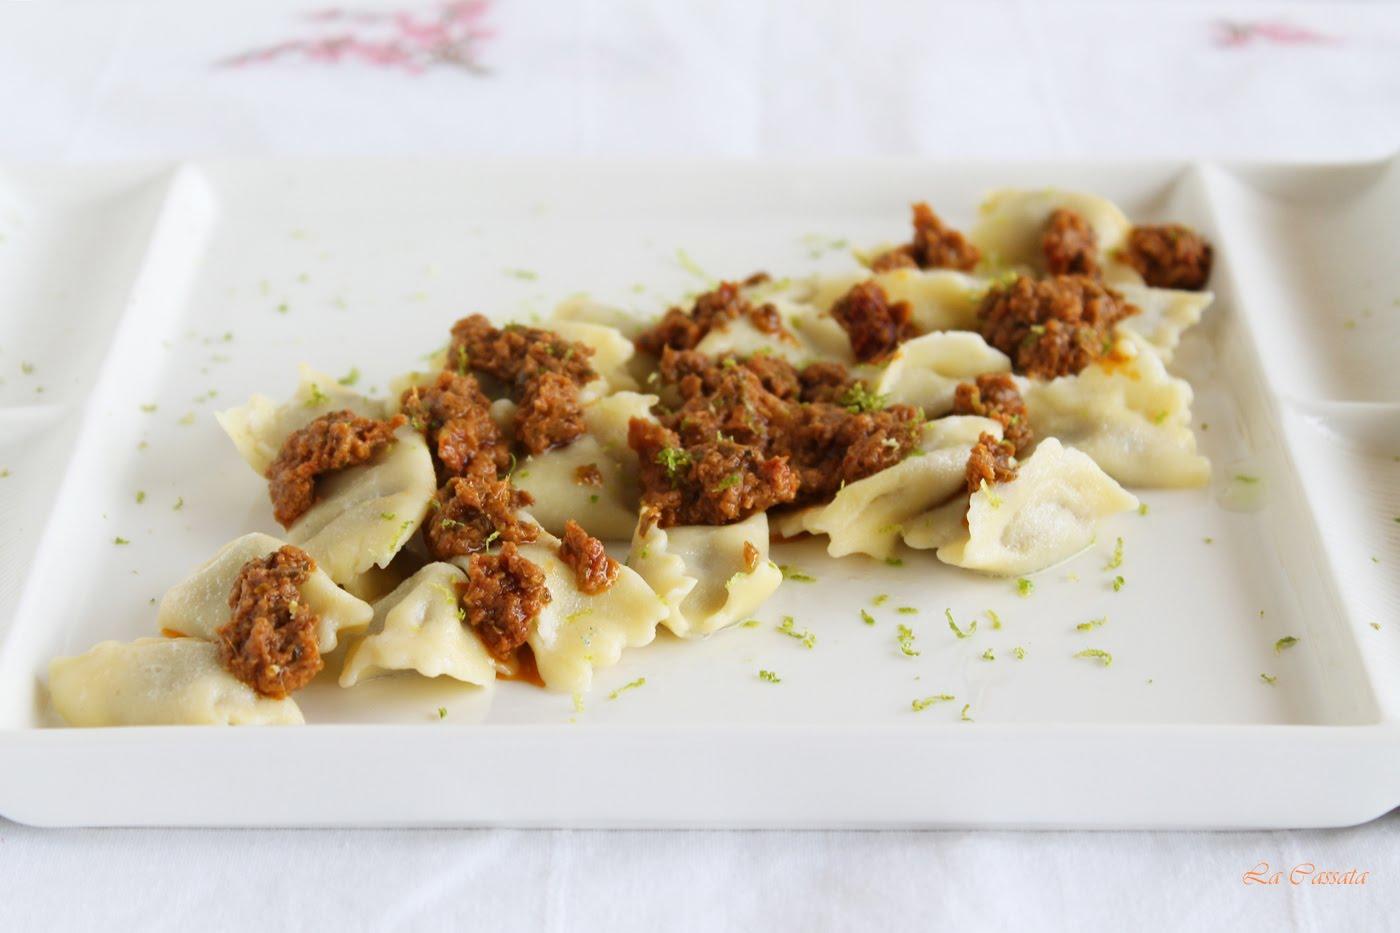 Raviole del plin avec aubergines et fromage aux pistaches sans gluten - La Cassata Celiaca